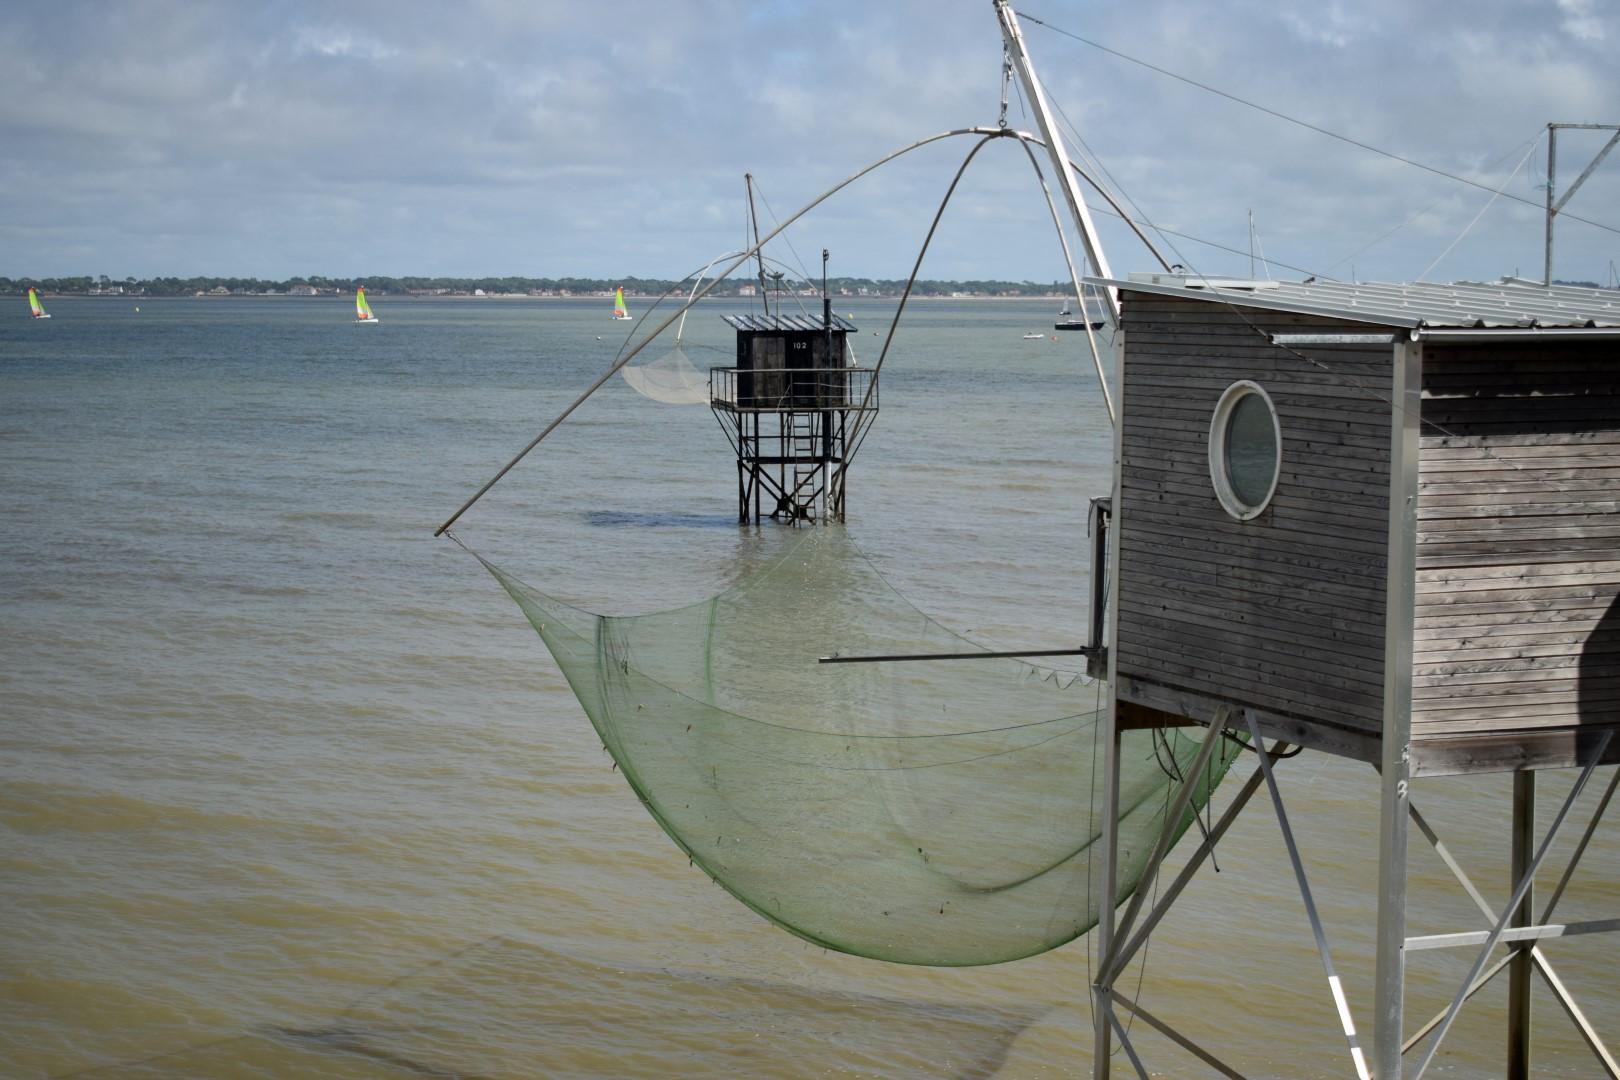 Les pêcheries, Saint-Nazaire, August 2020